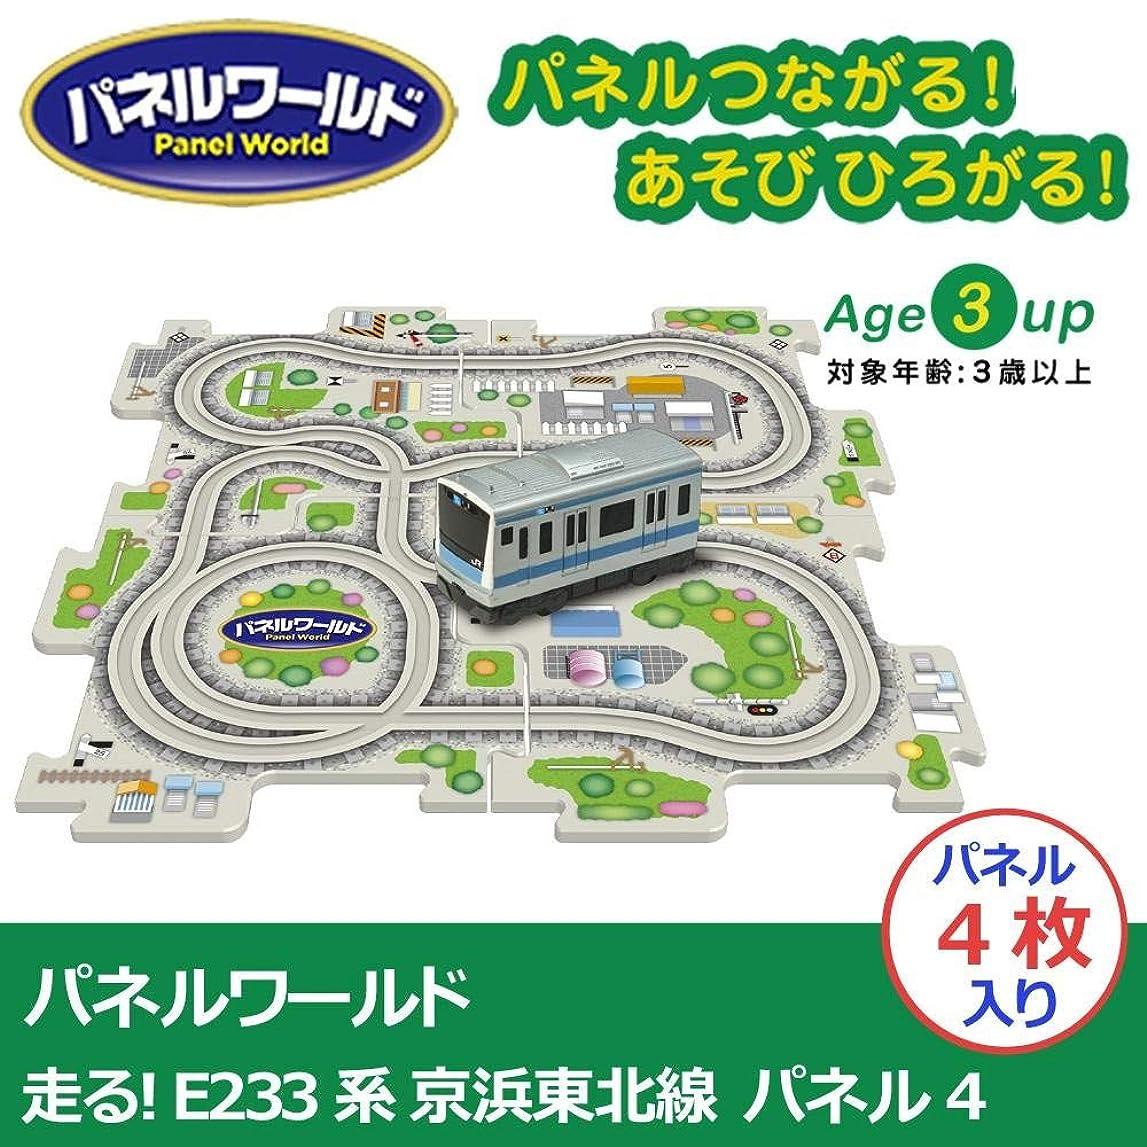 悪党凍ったミュウミュウパネルワールド 走る E233系 京浜東北線 パネル4 PW1専用パネル4枚付き